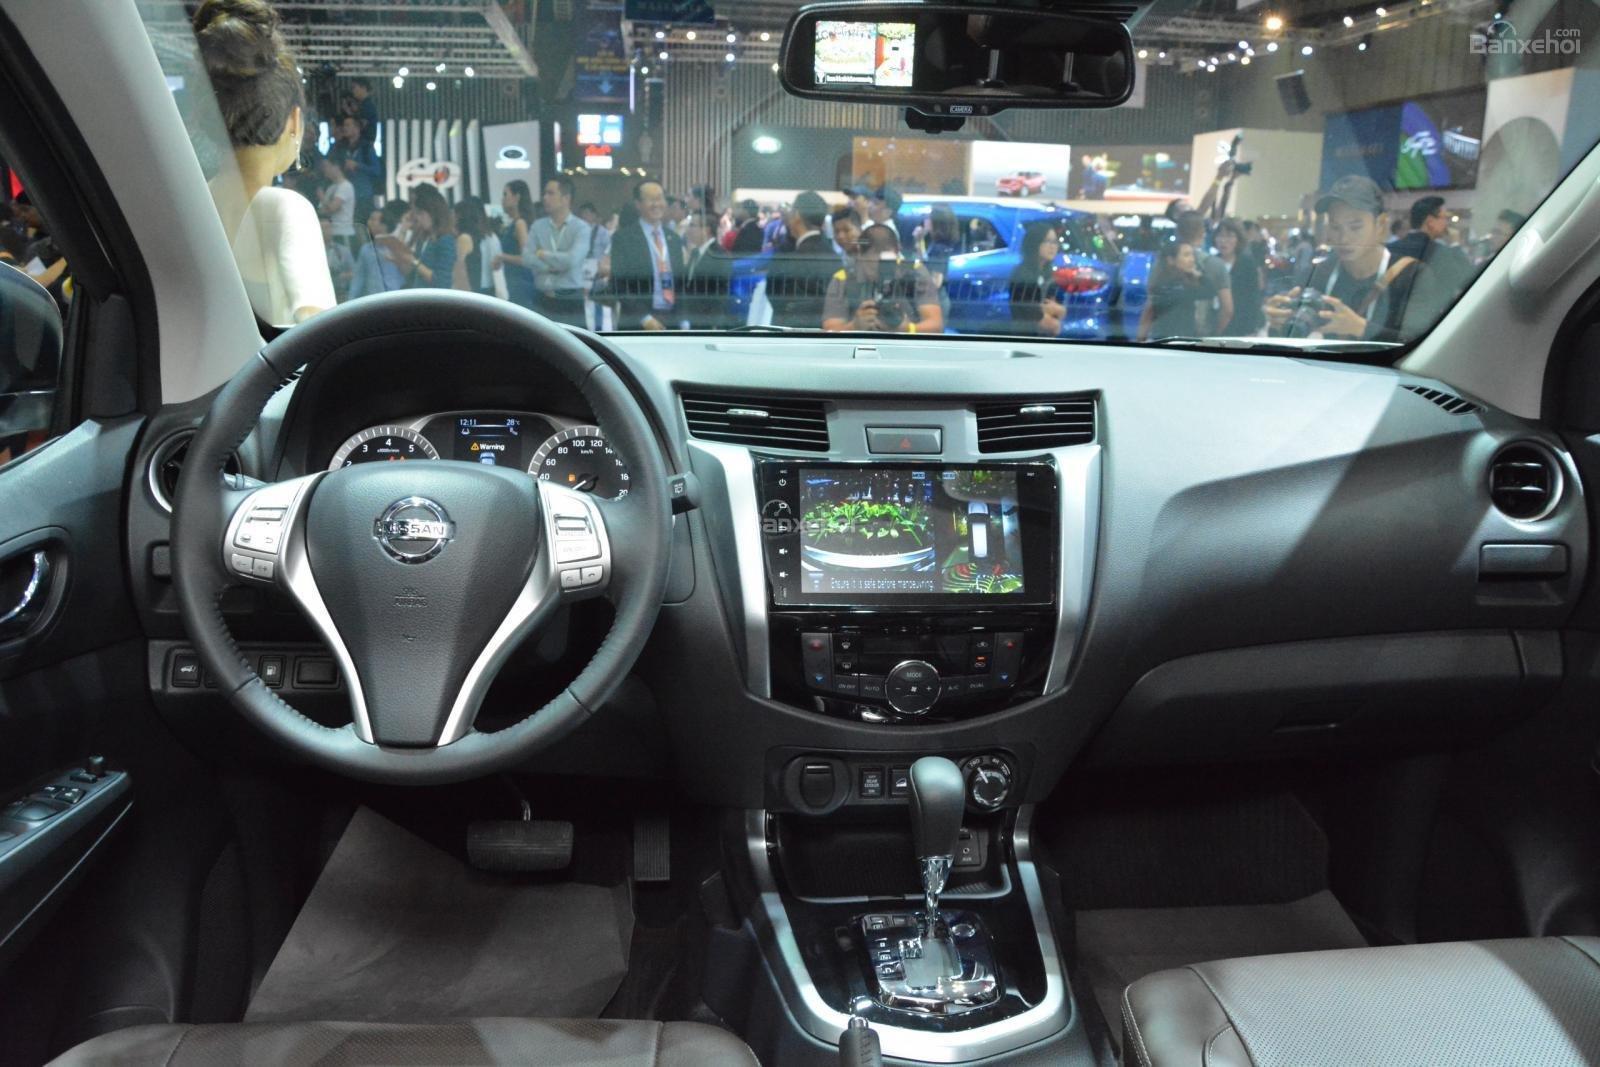 So sánh xe Chevrolet Trailblazer 2019 và Nissan Terra 2019 về nội thất 2